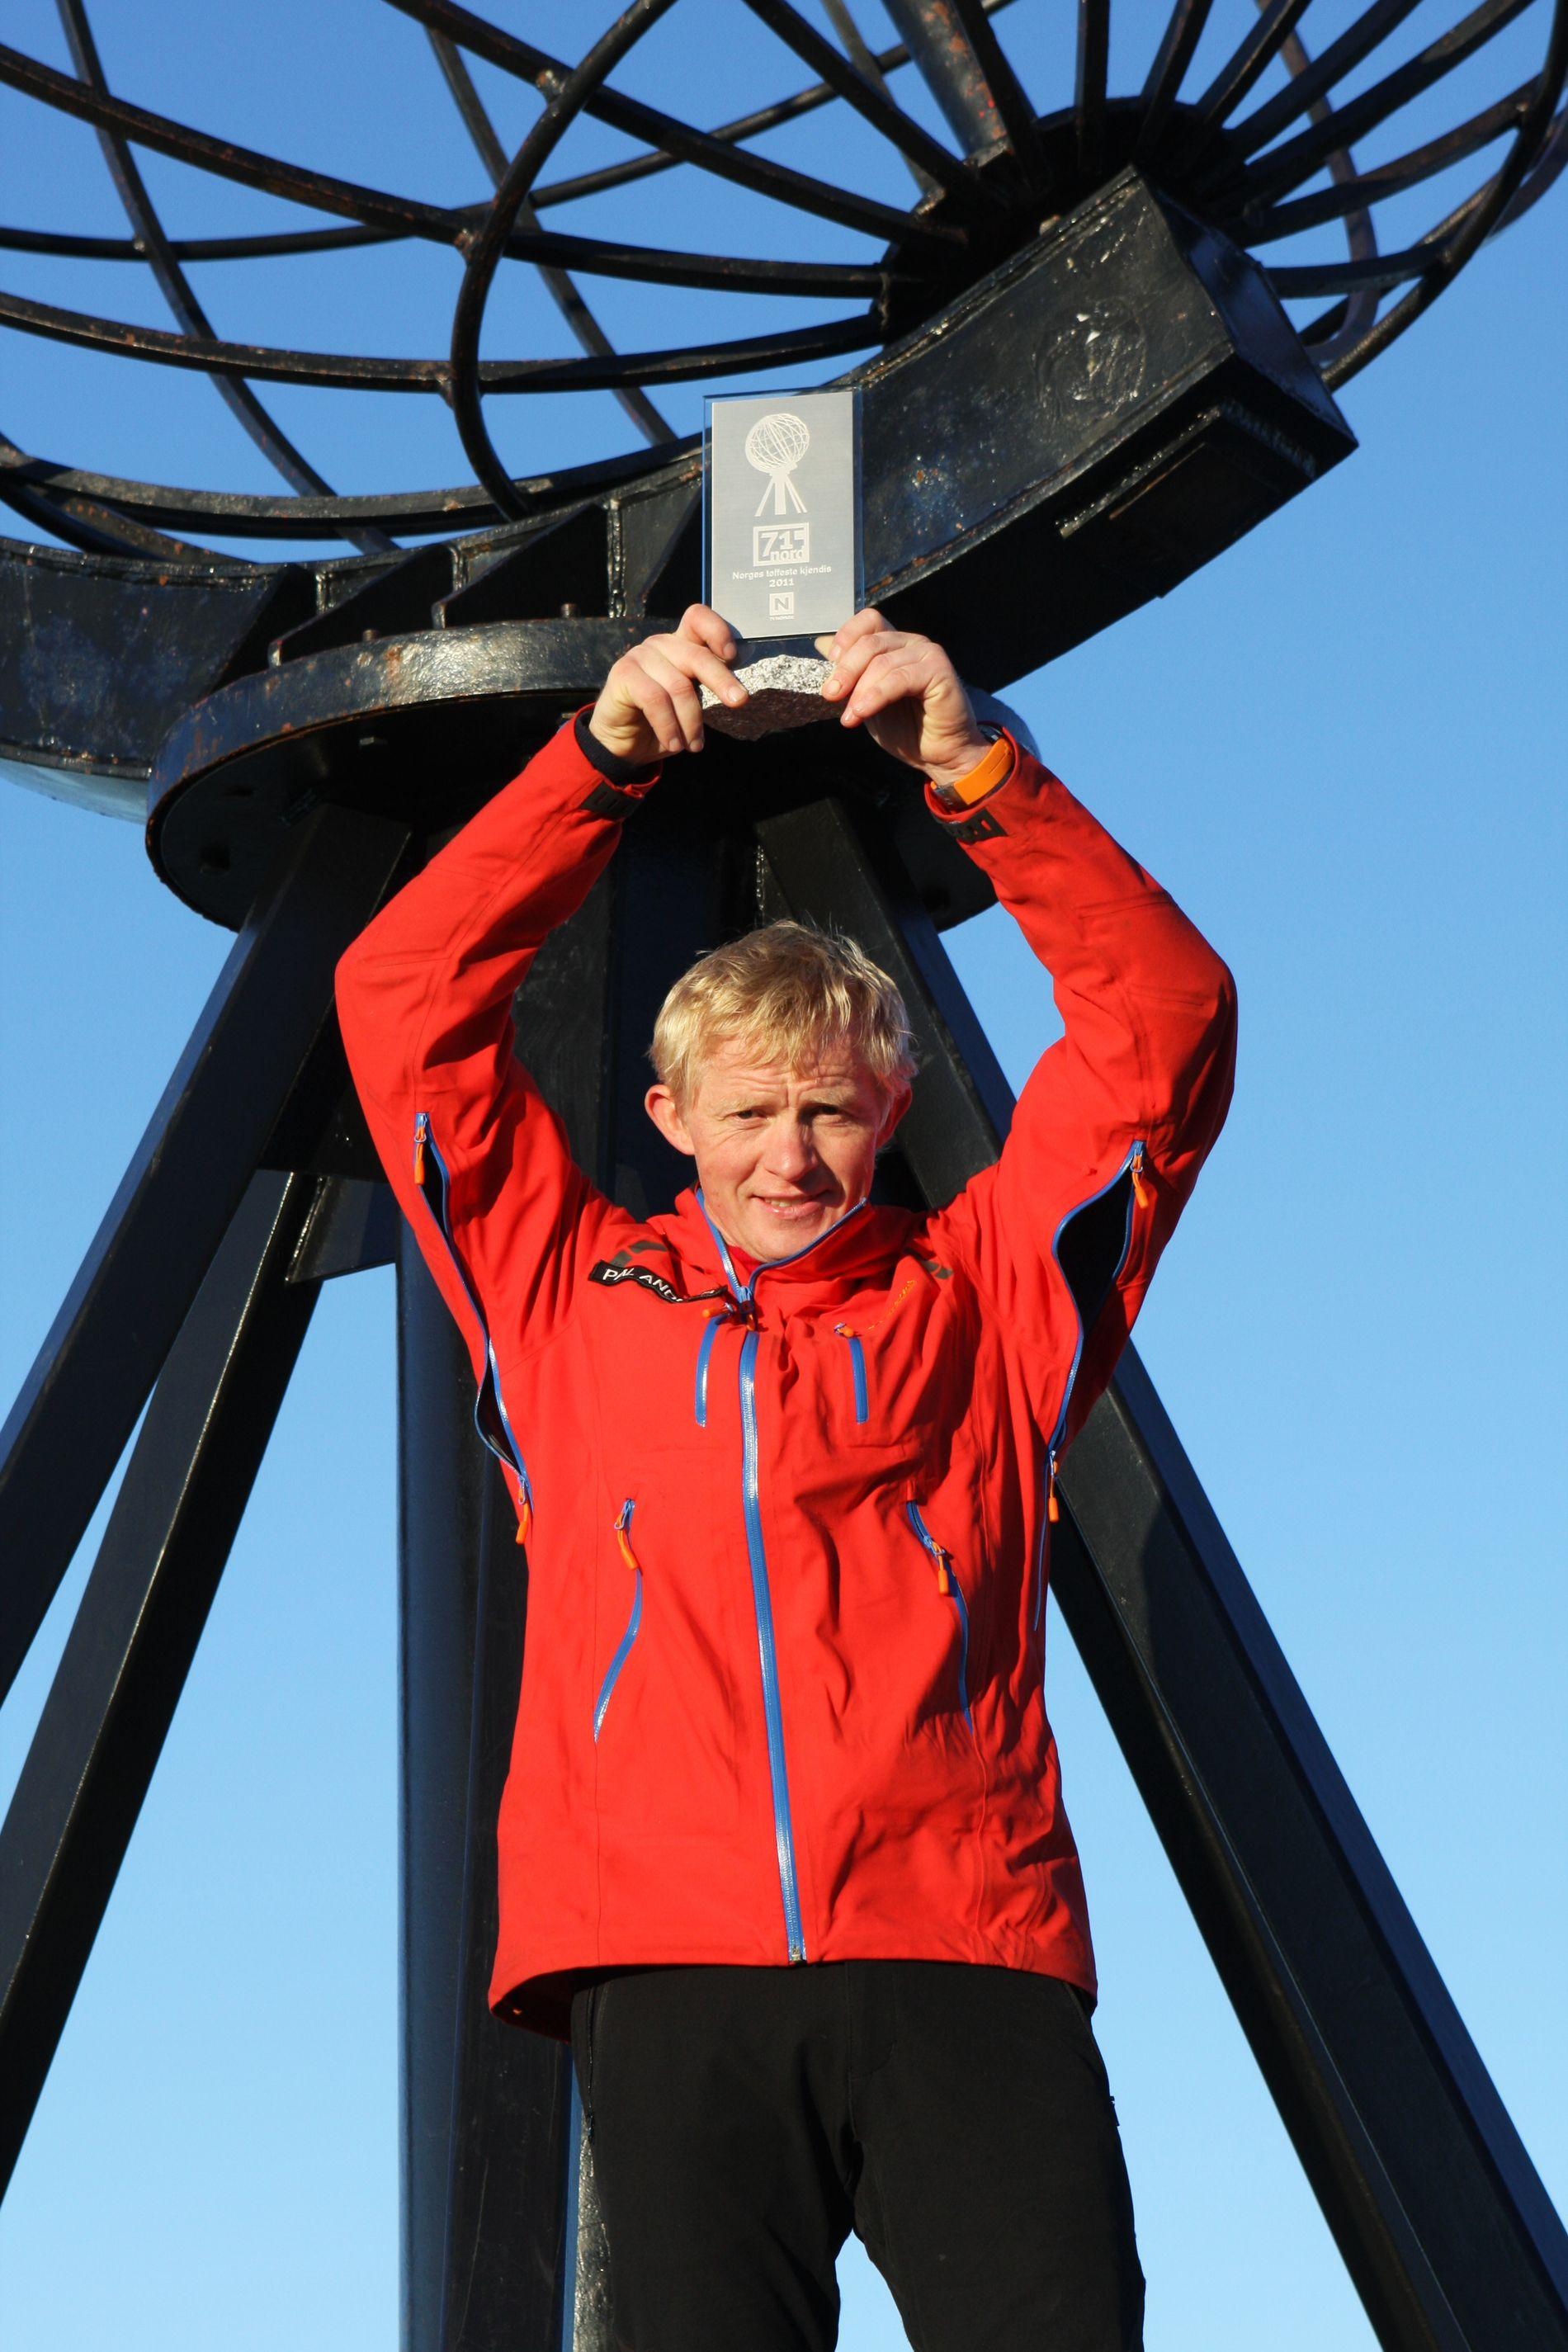 FØRST TIL NORDKAPP: I 2011 var Pål Anders Ullevålseter først til Nordkapp i «71 grader nord - Norges Tøffeste kjendis».